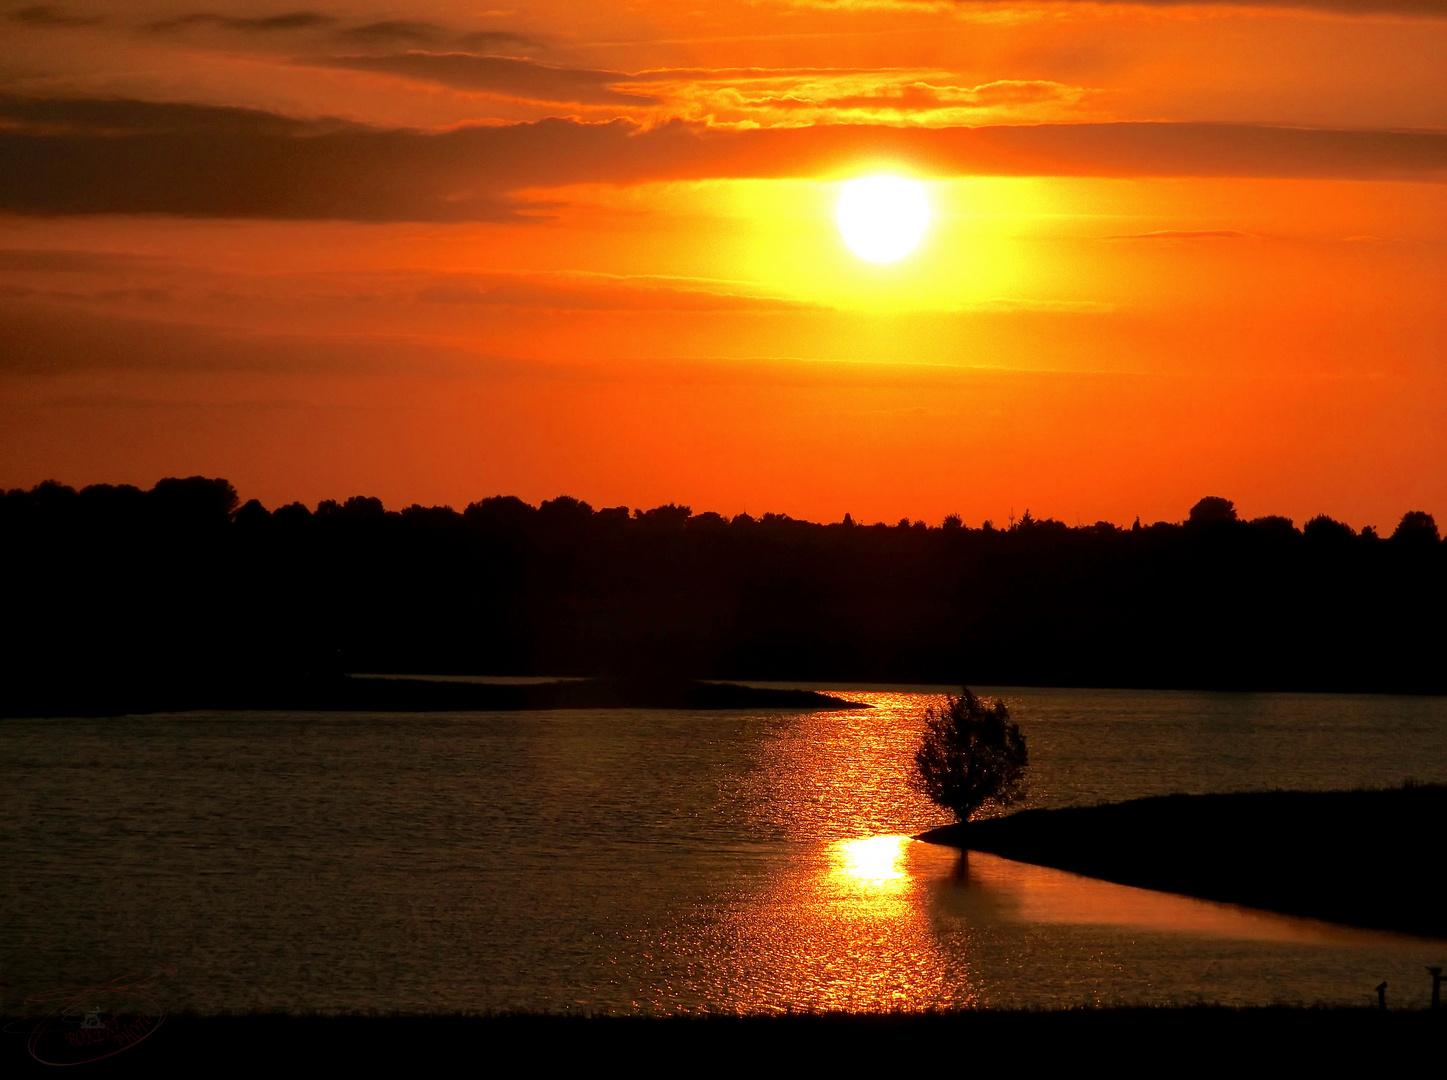 Sonnenuntergang in den Rheinauen